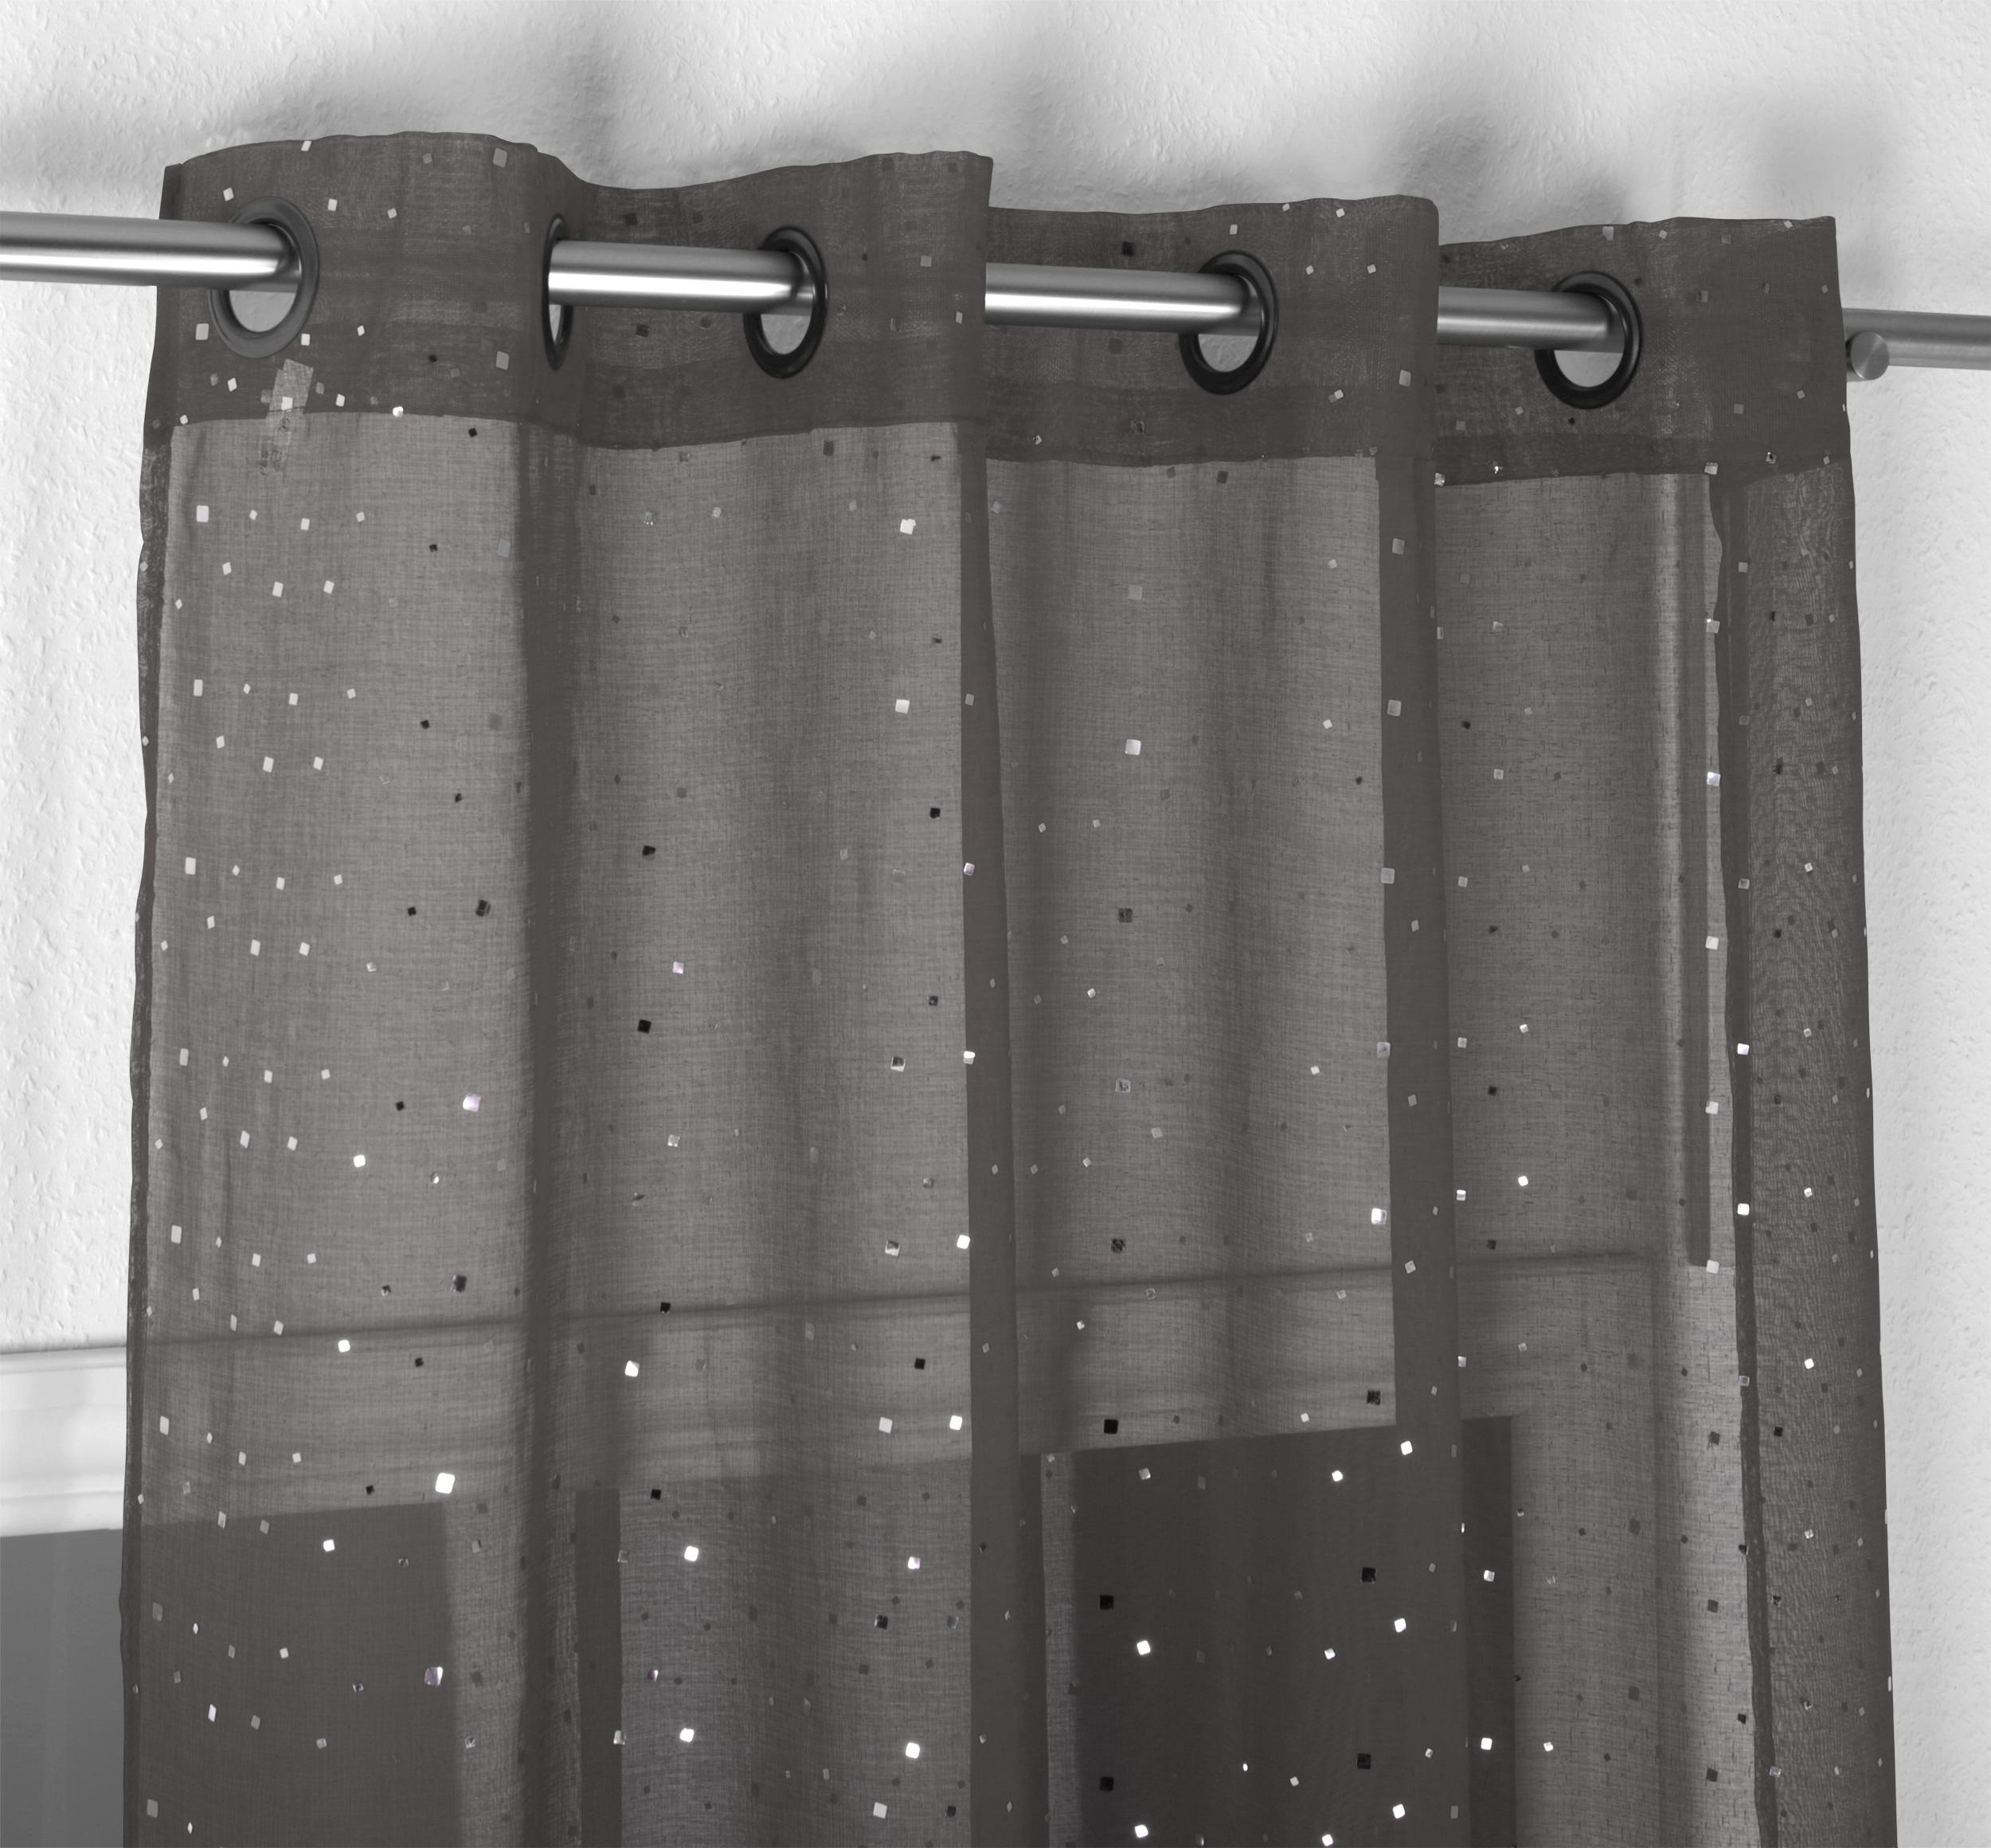 beautex vorhang mit sen 140x260 cm farbe w hlbar transparente glitzer gardine constellation. Black Bedroom Furniture Sets. Home Design Ideas